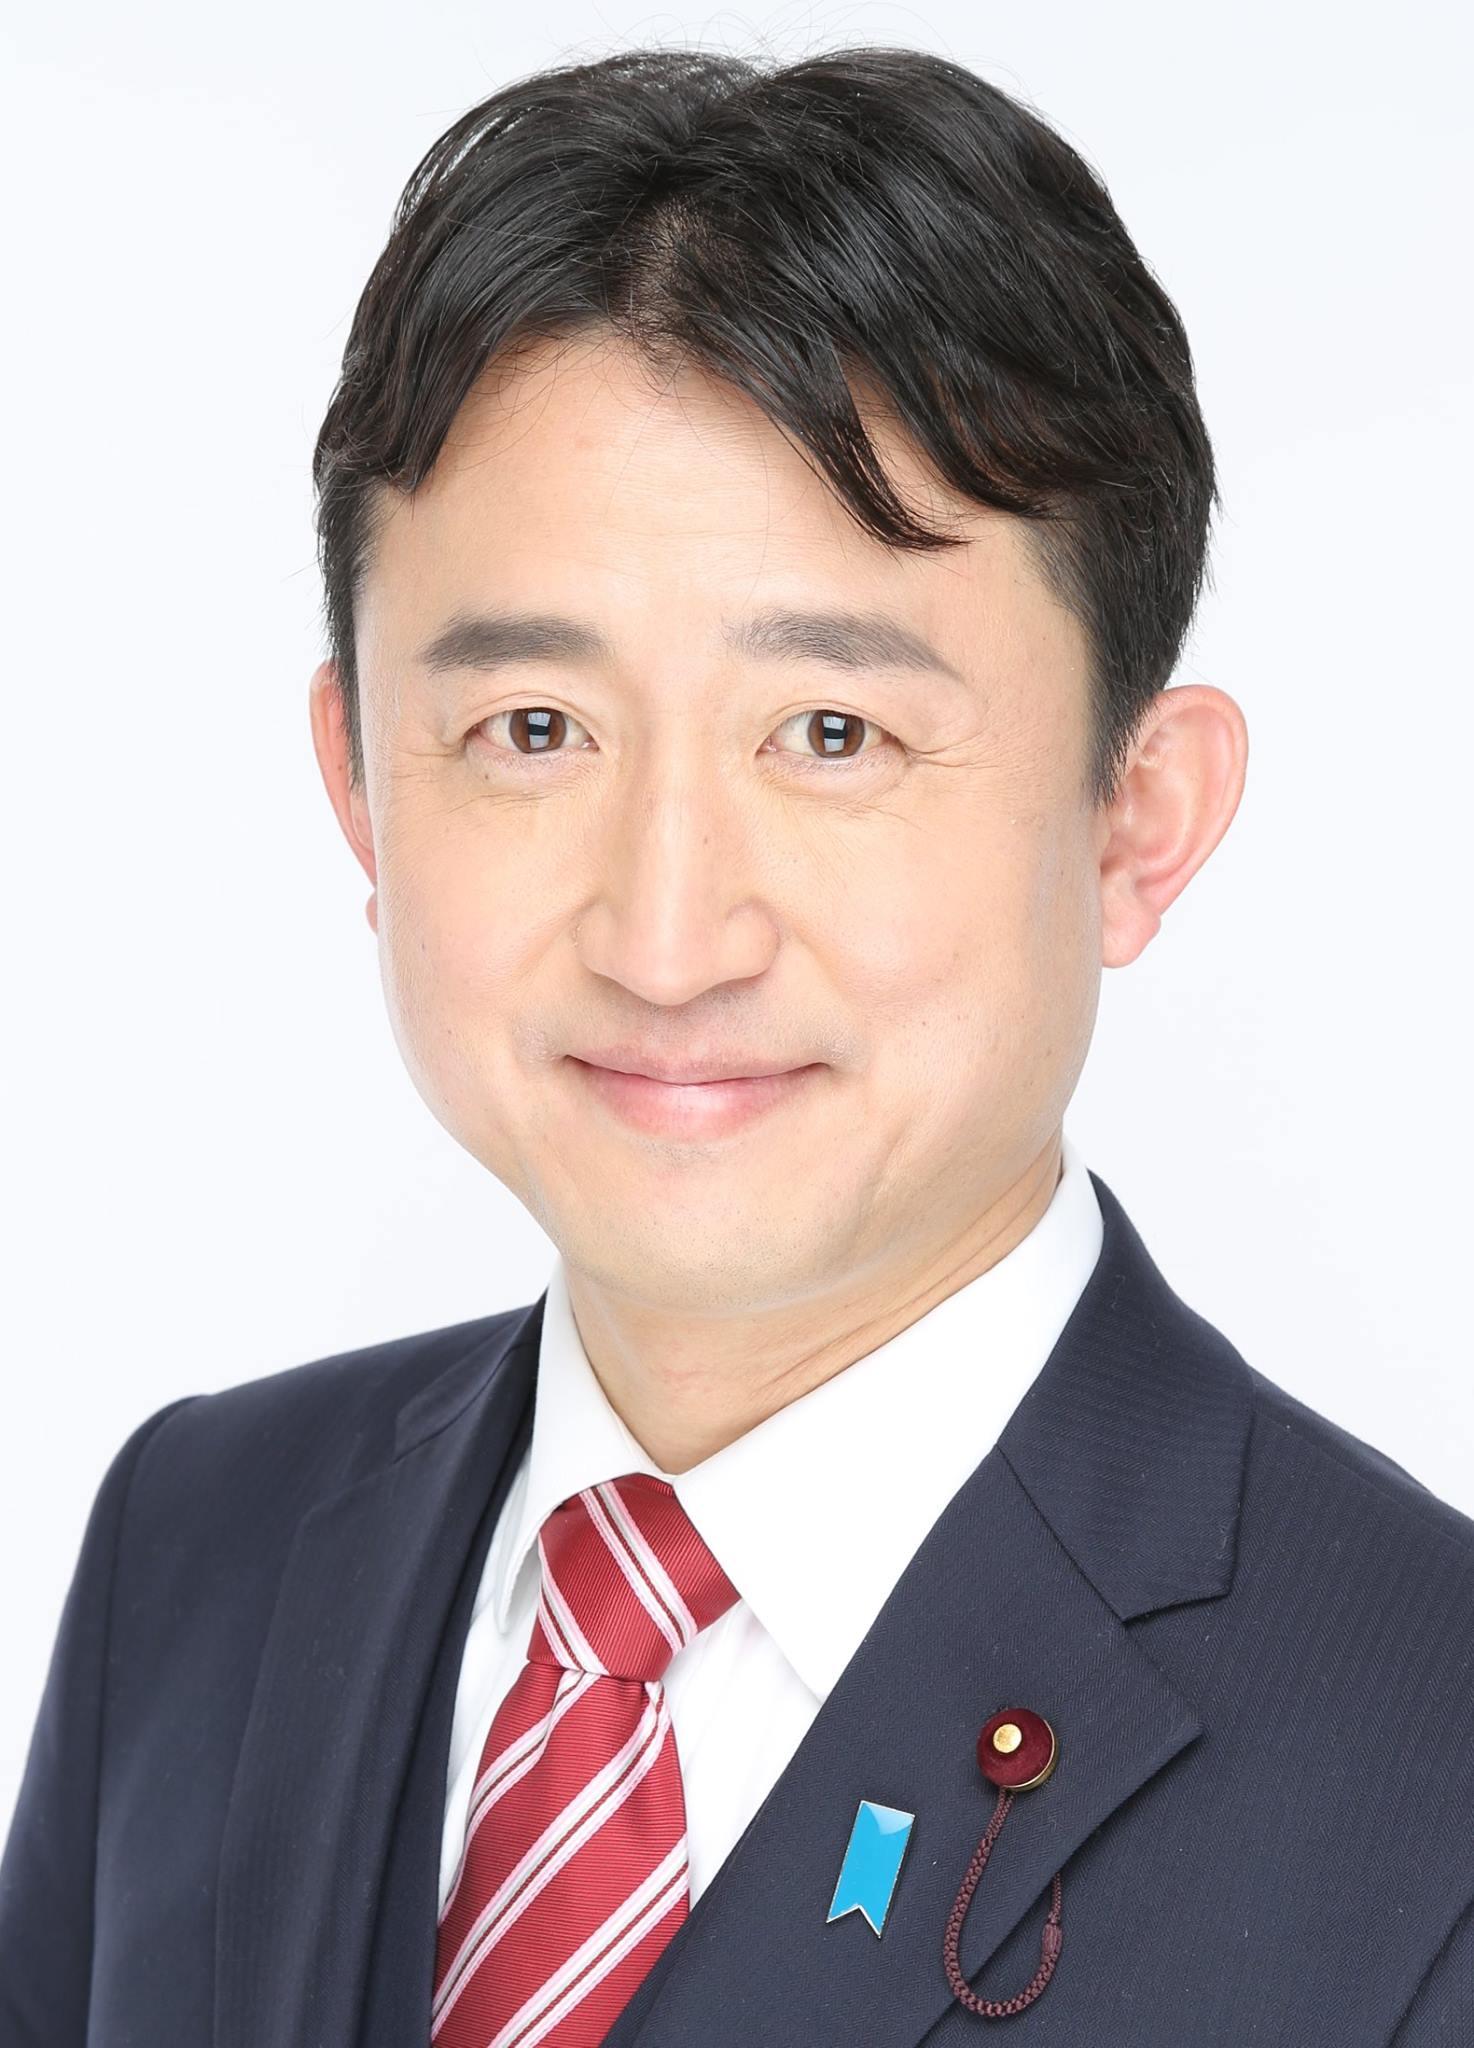 荒川区議会議員候補 - 小坂英二さん(現職 / 日本創新党)